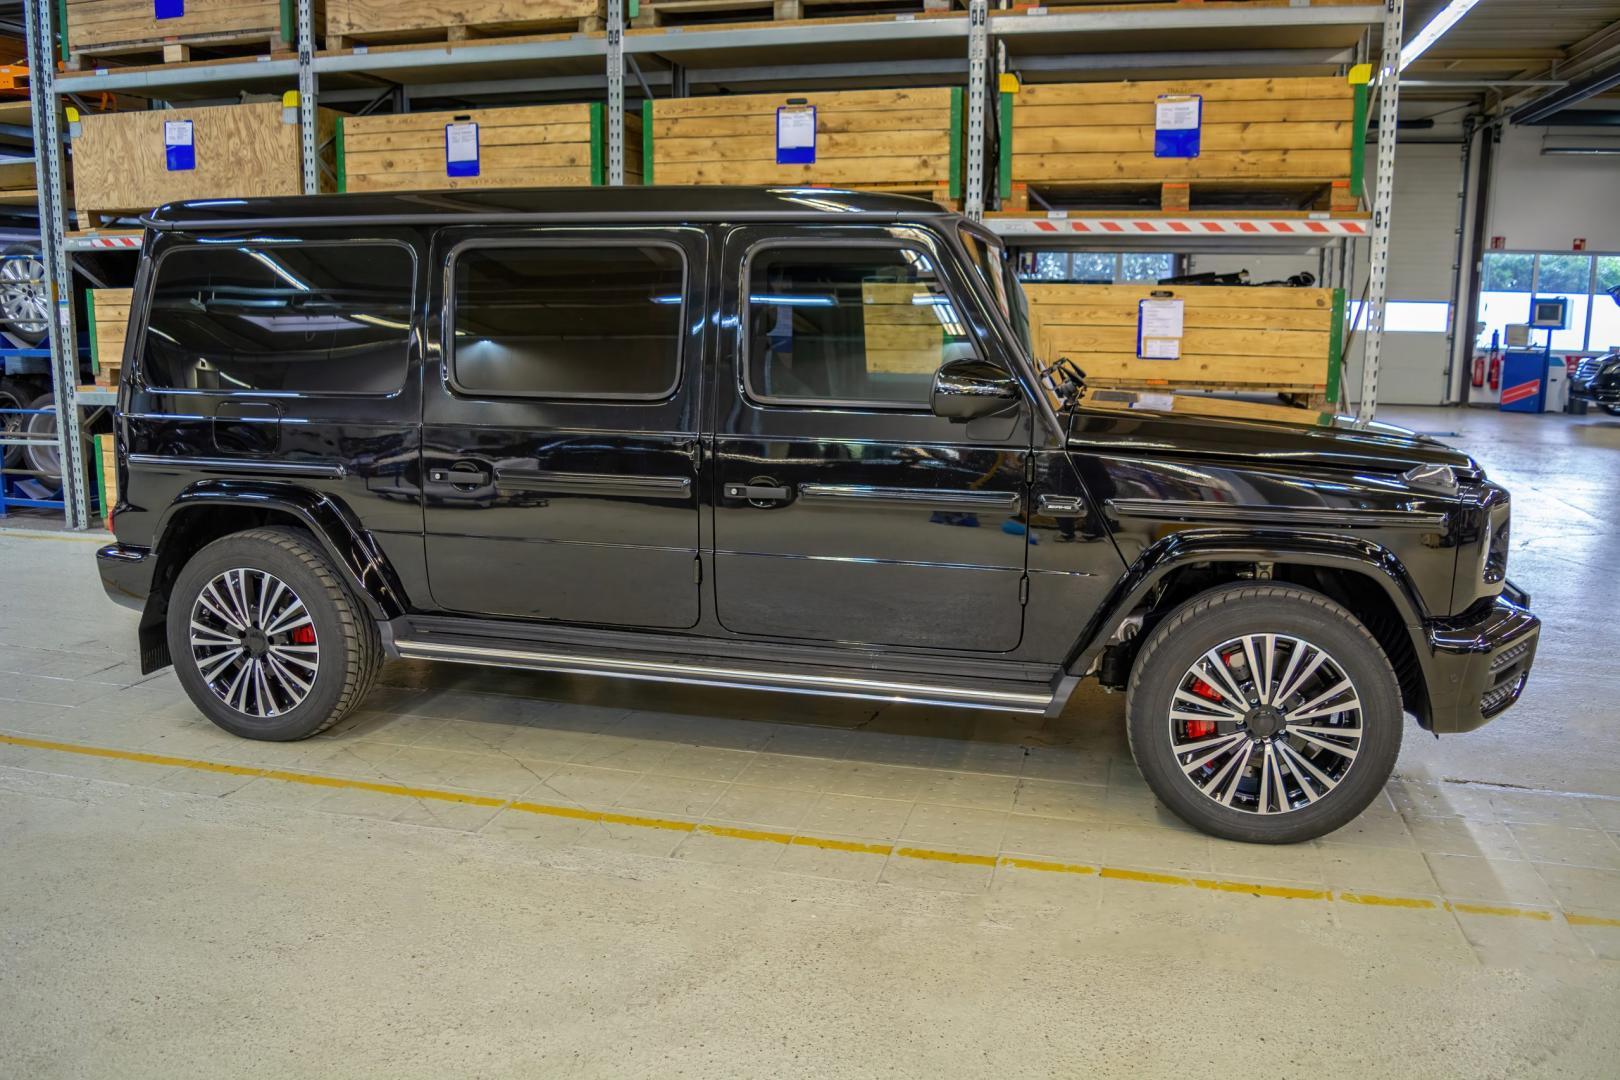 Mercedes G-klasse van 1 miljoen euro